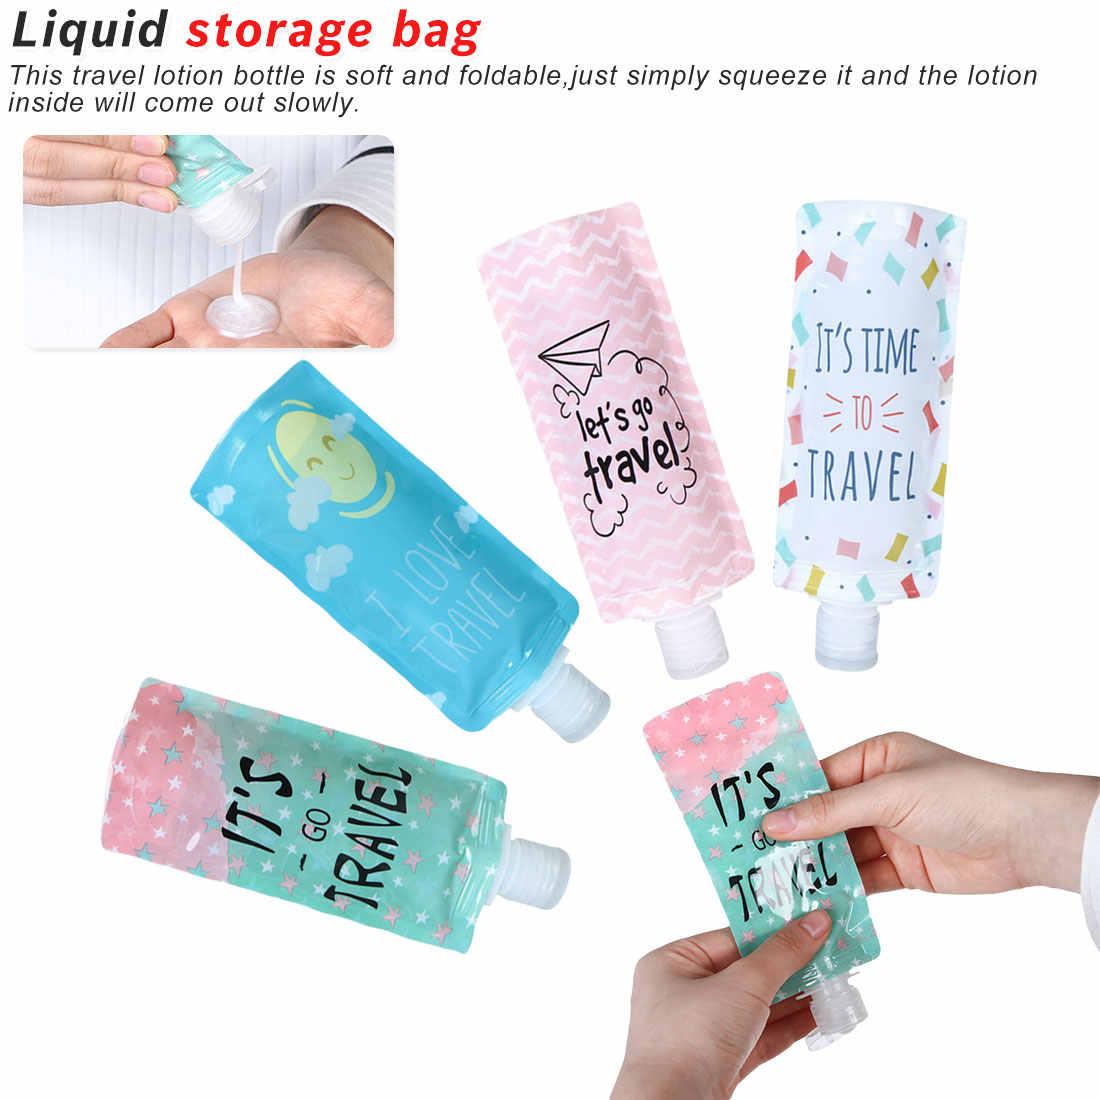 100ml podróży butelka z mydłem w płynie do napełniania kosmetyków torba z pvc, przenośny torba do pakowania szampon/płyn do makijażu sub butelki butelka opakowaniowa